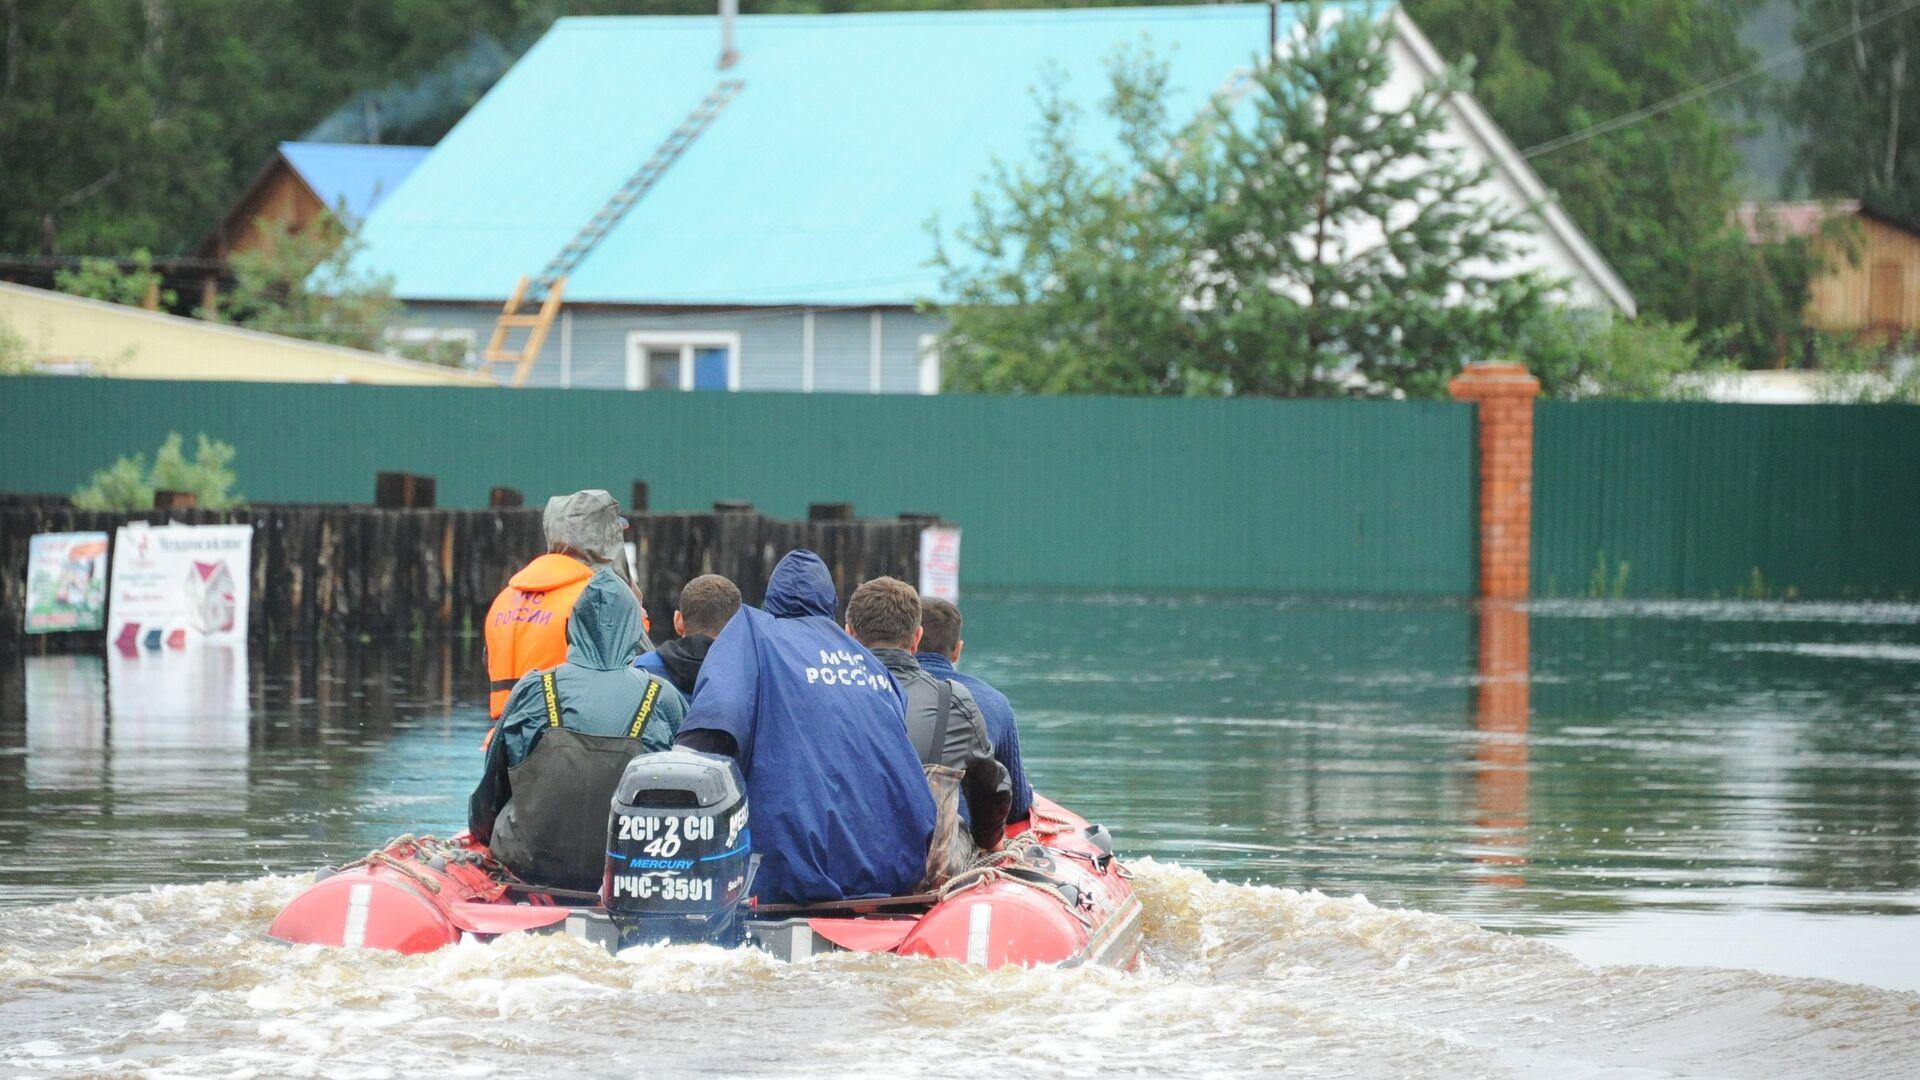 Сотрудники МЧС на затопленной в результате паводка улице в Чите - РИА Новости, 1920, 18.06.2021